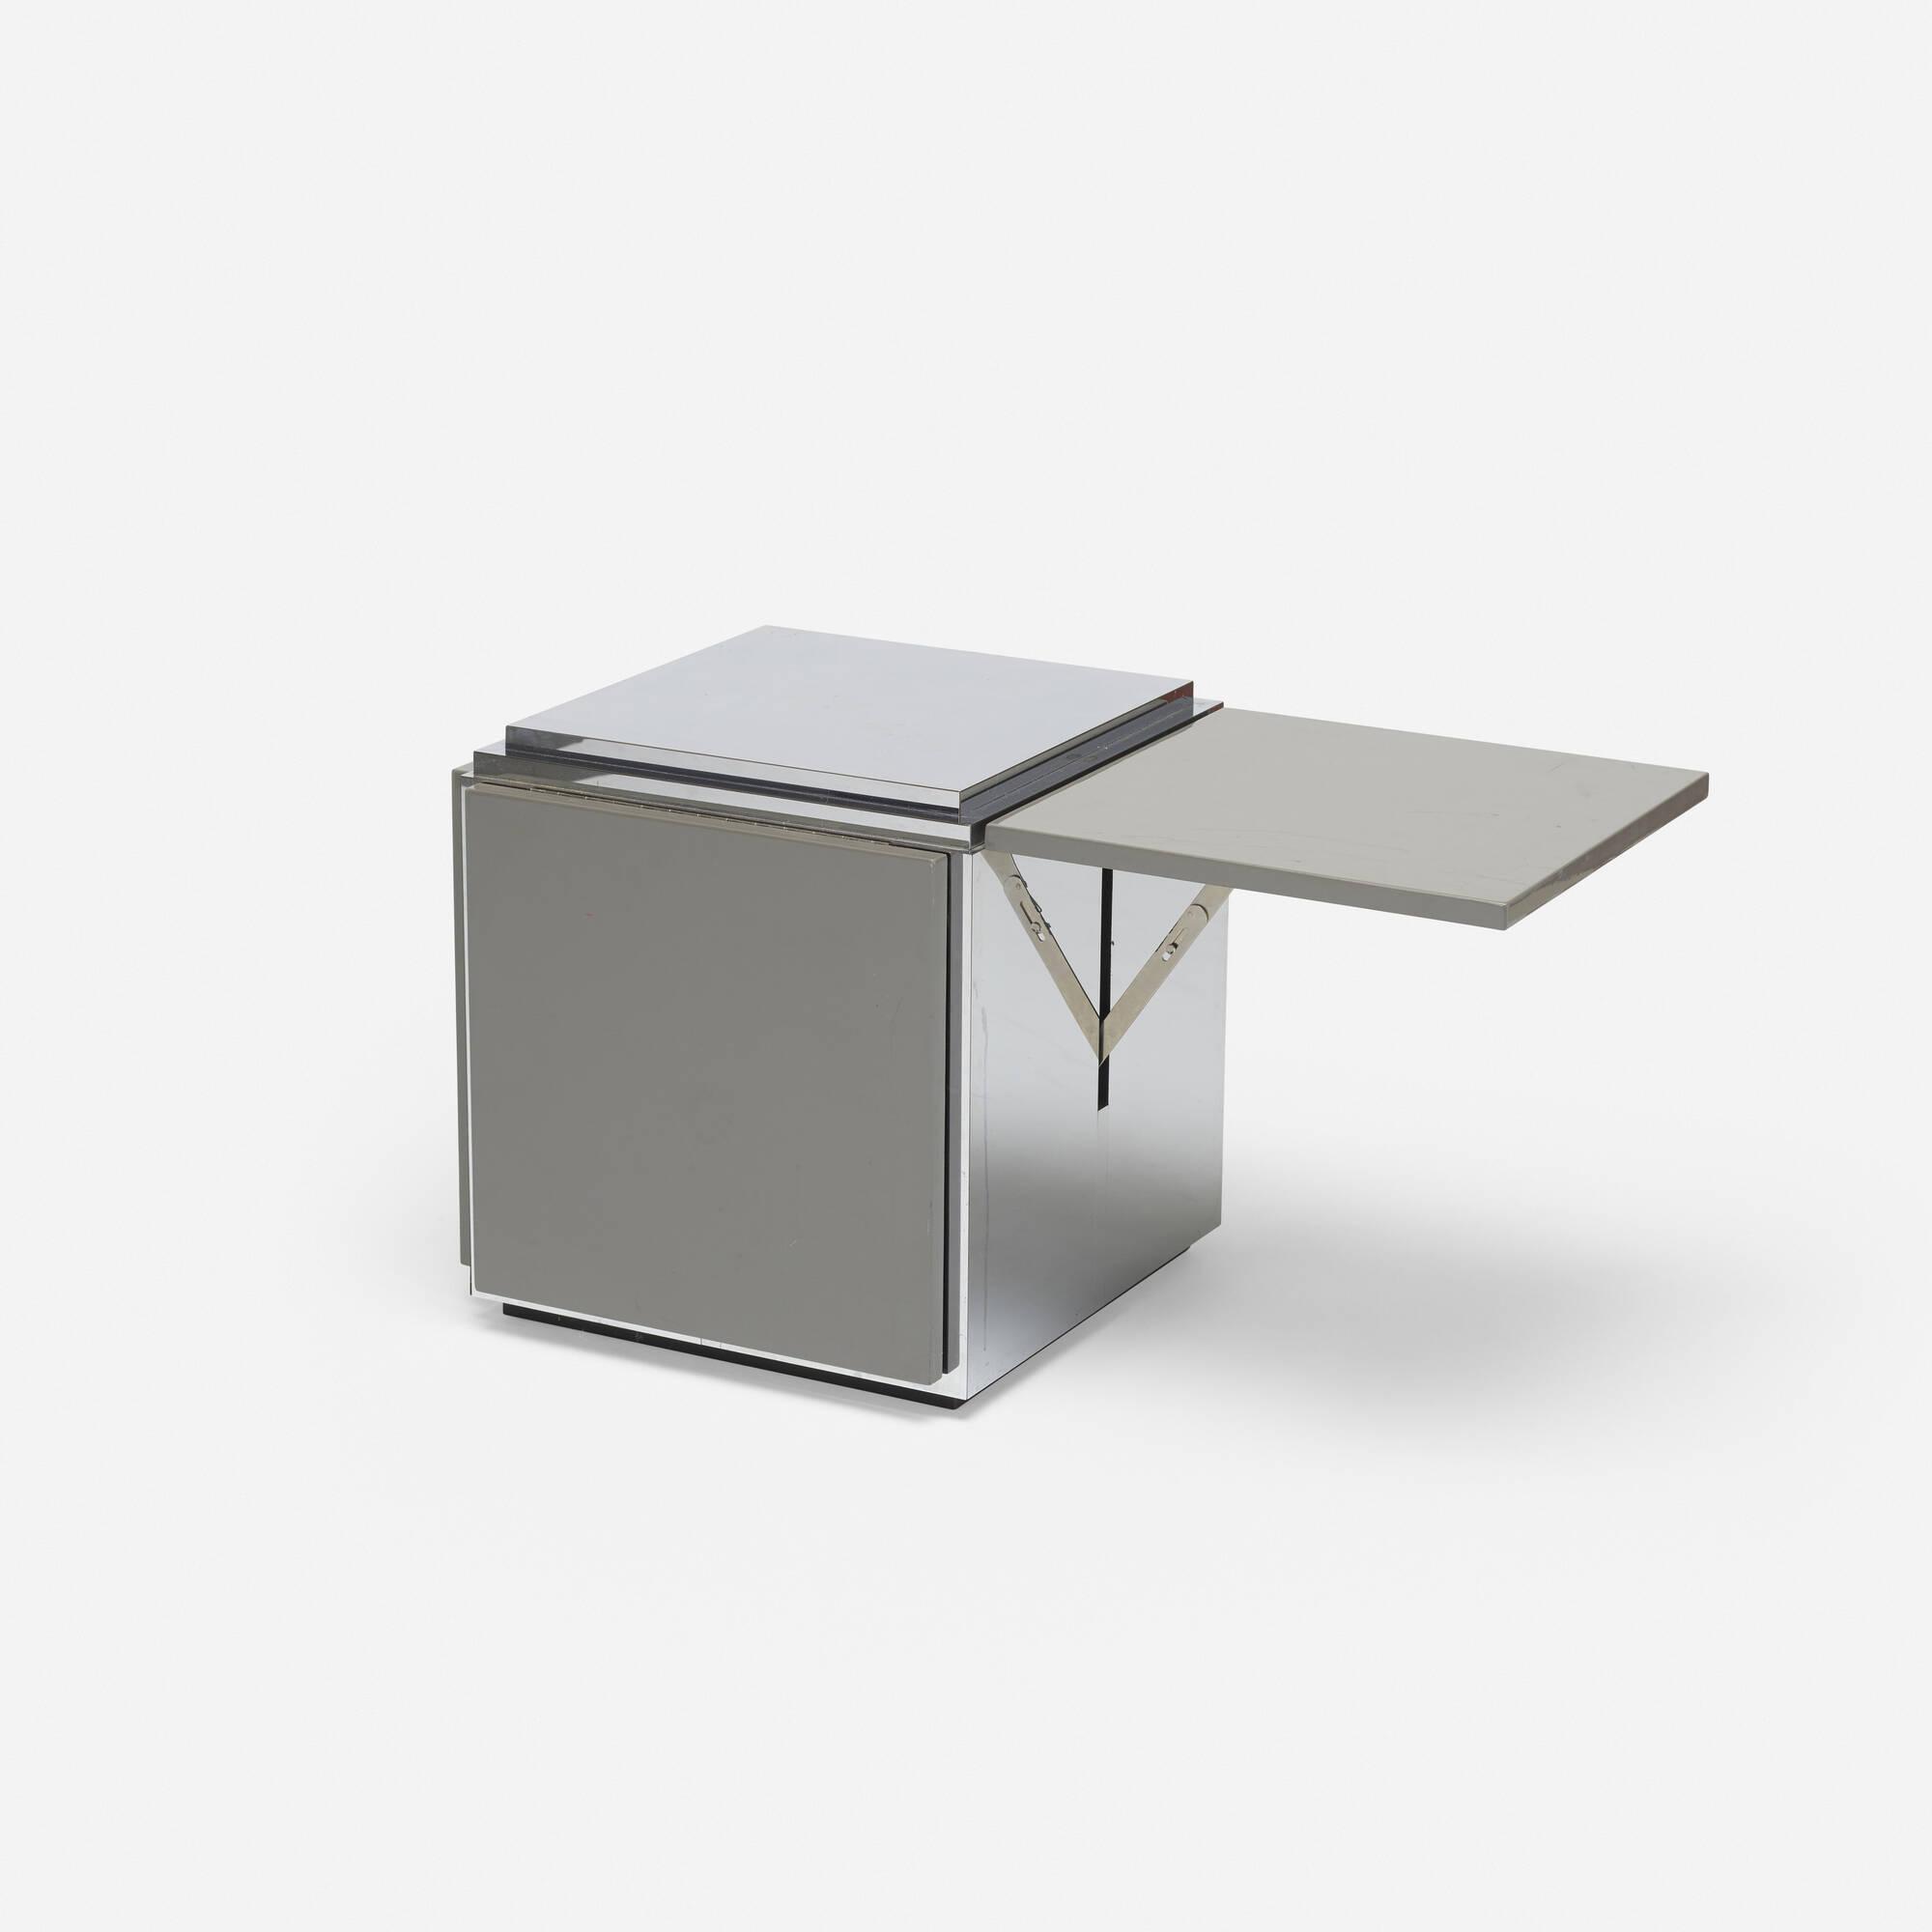 611: Modernist / drop-leaf table (2 of 3)